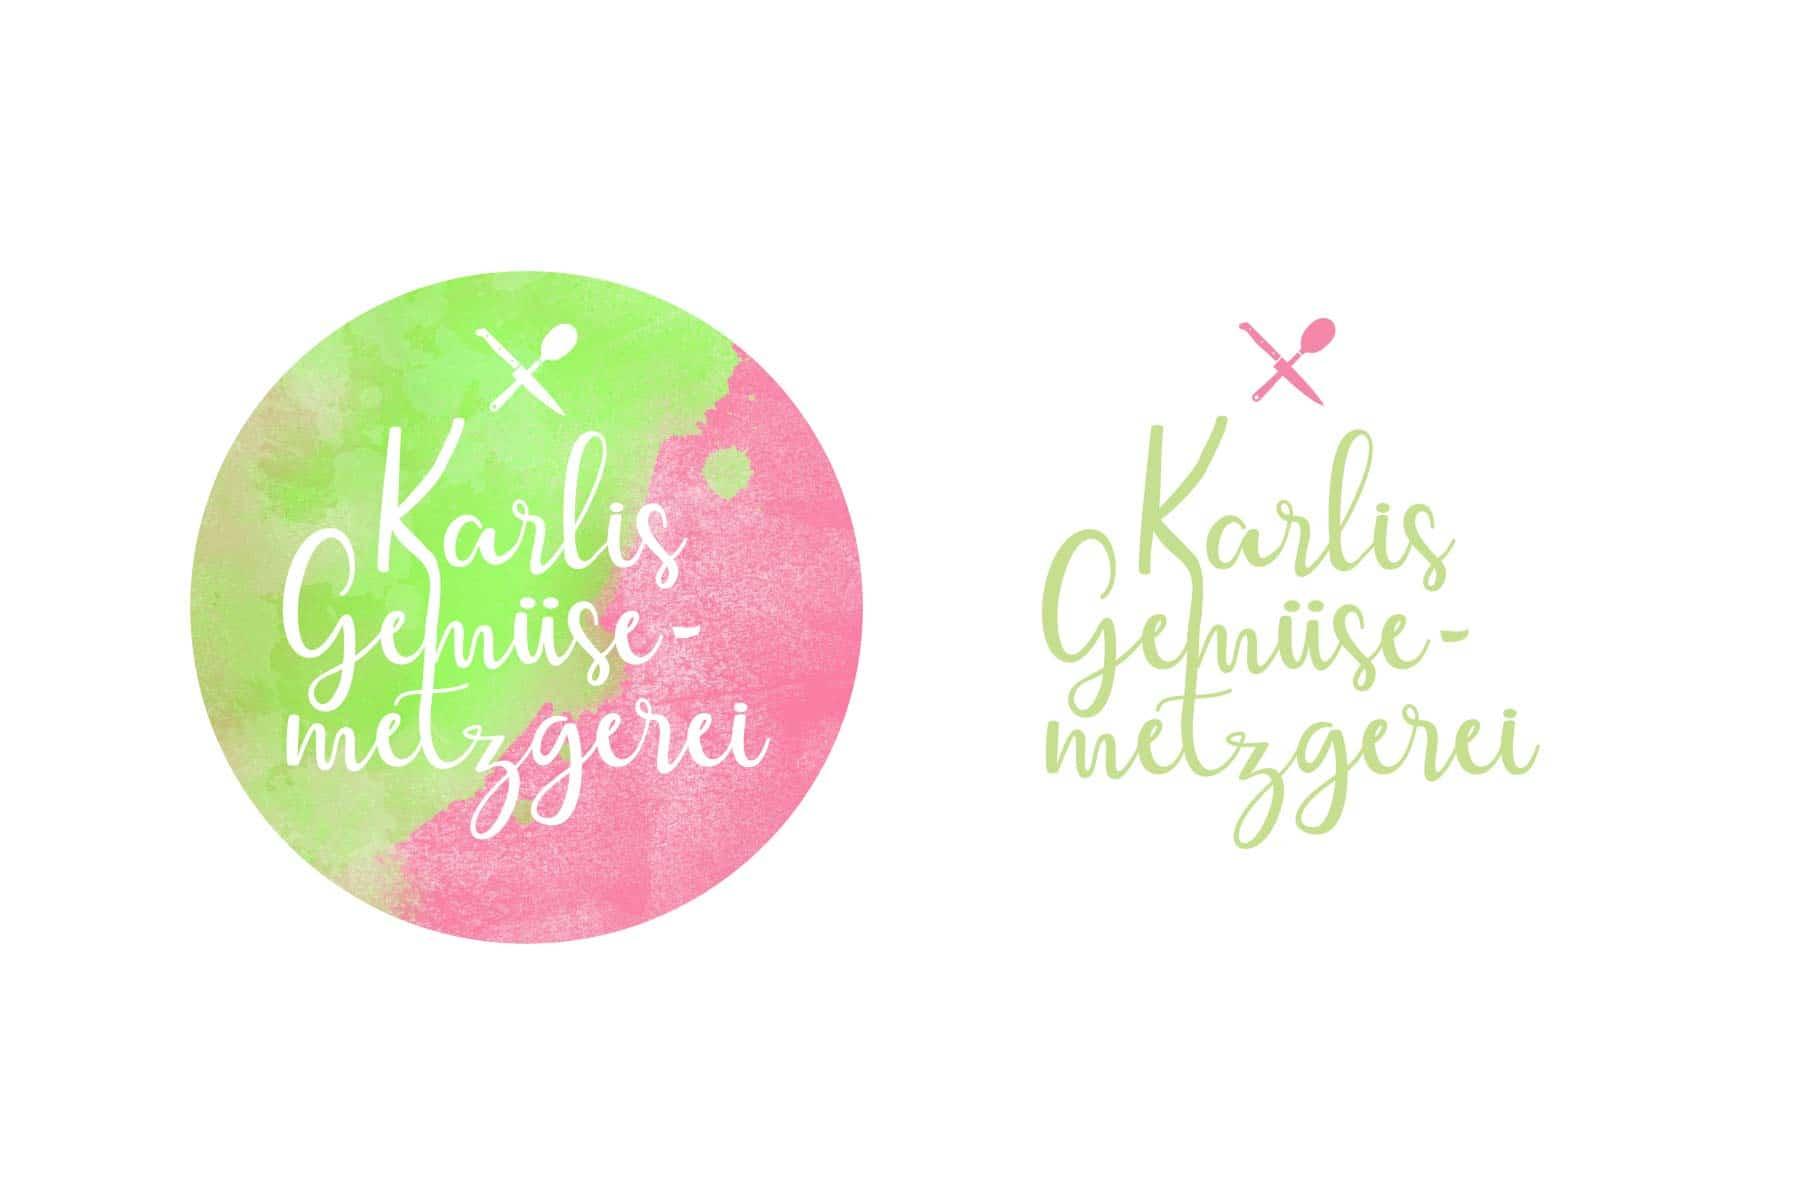 karlis-gemuesemetzgerei_logo